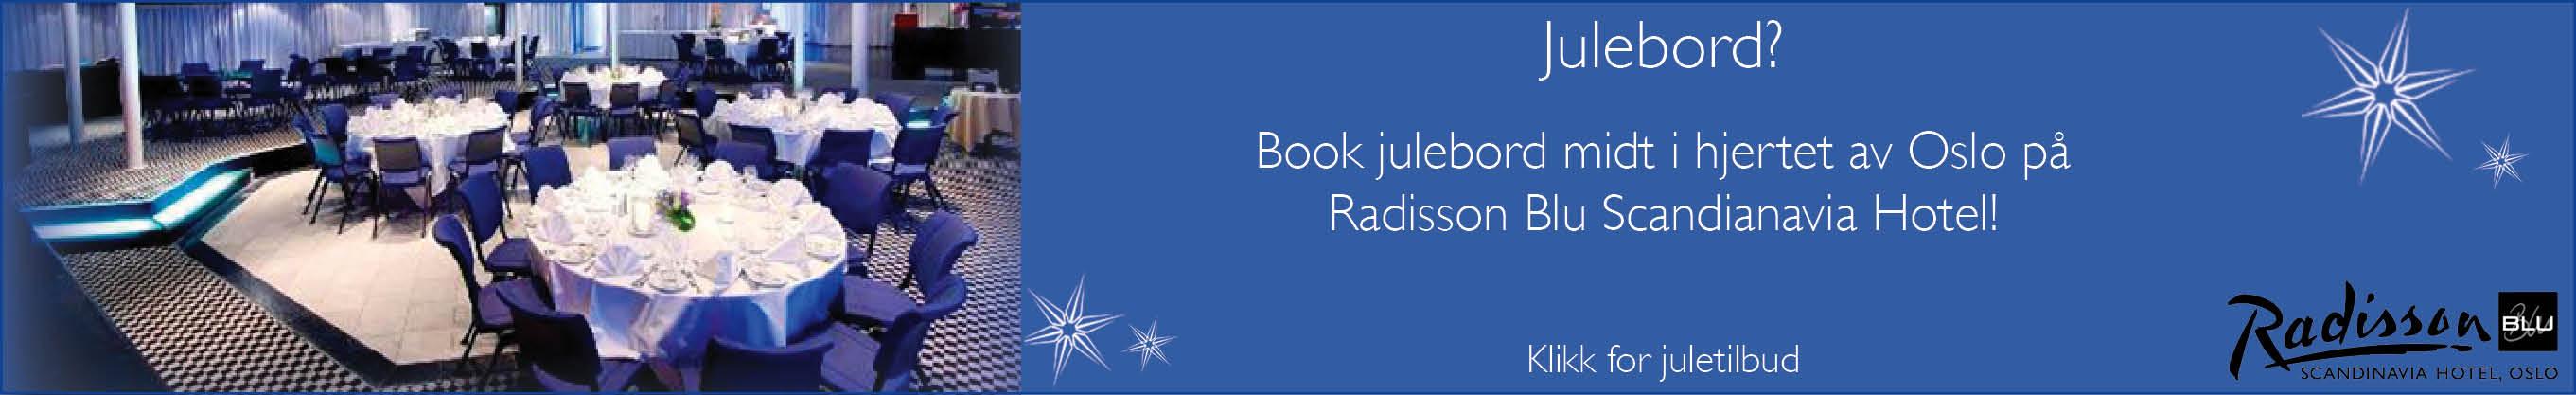 Radisson-topp-ny